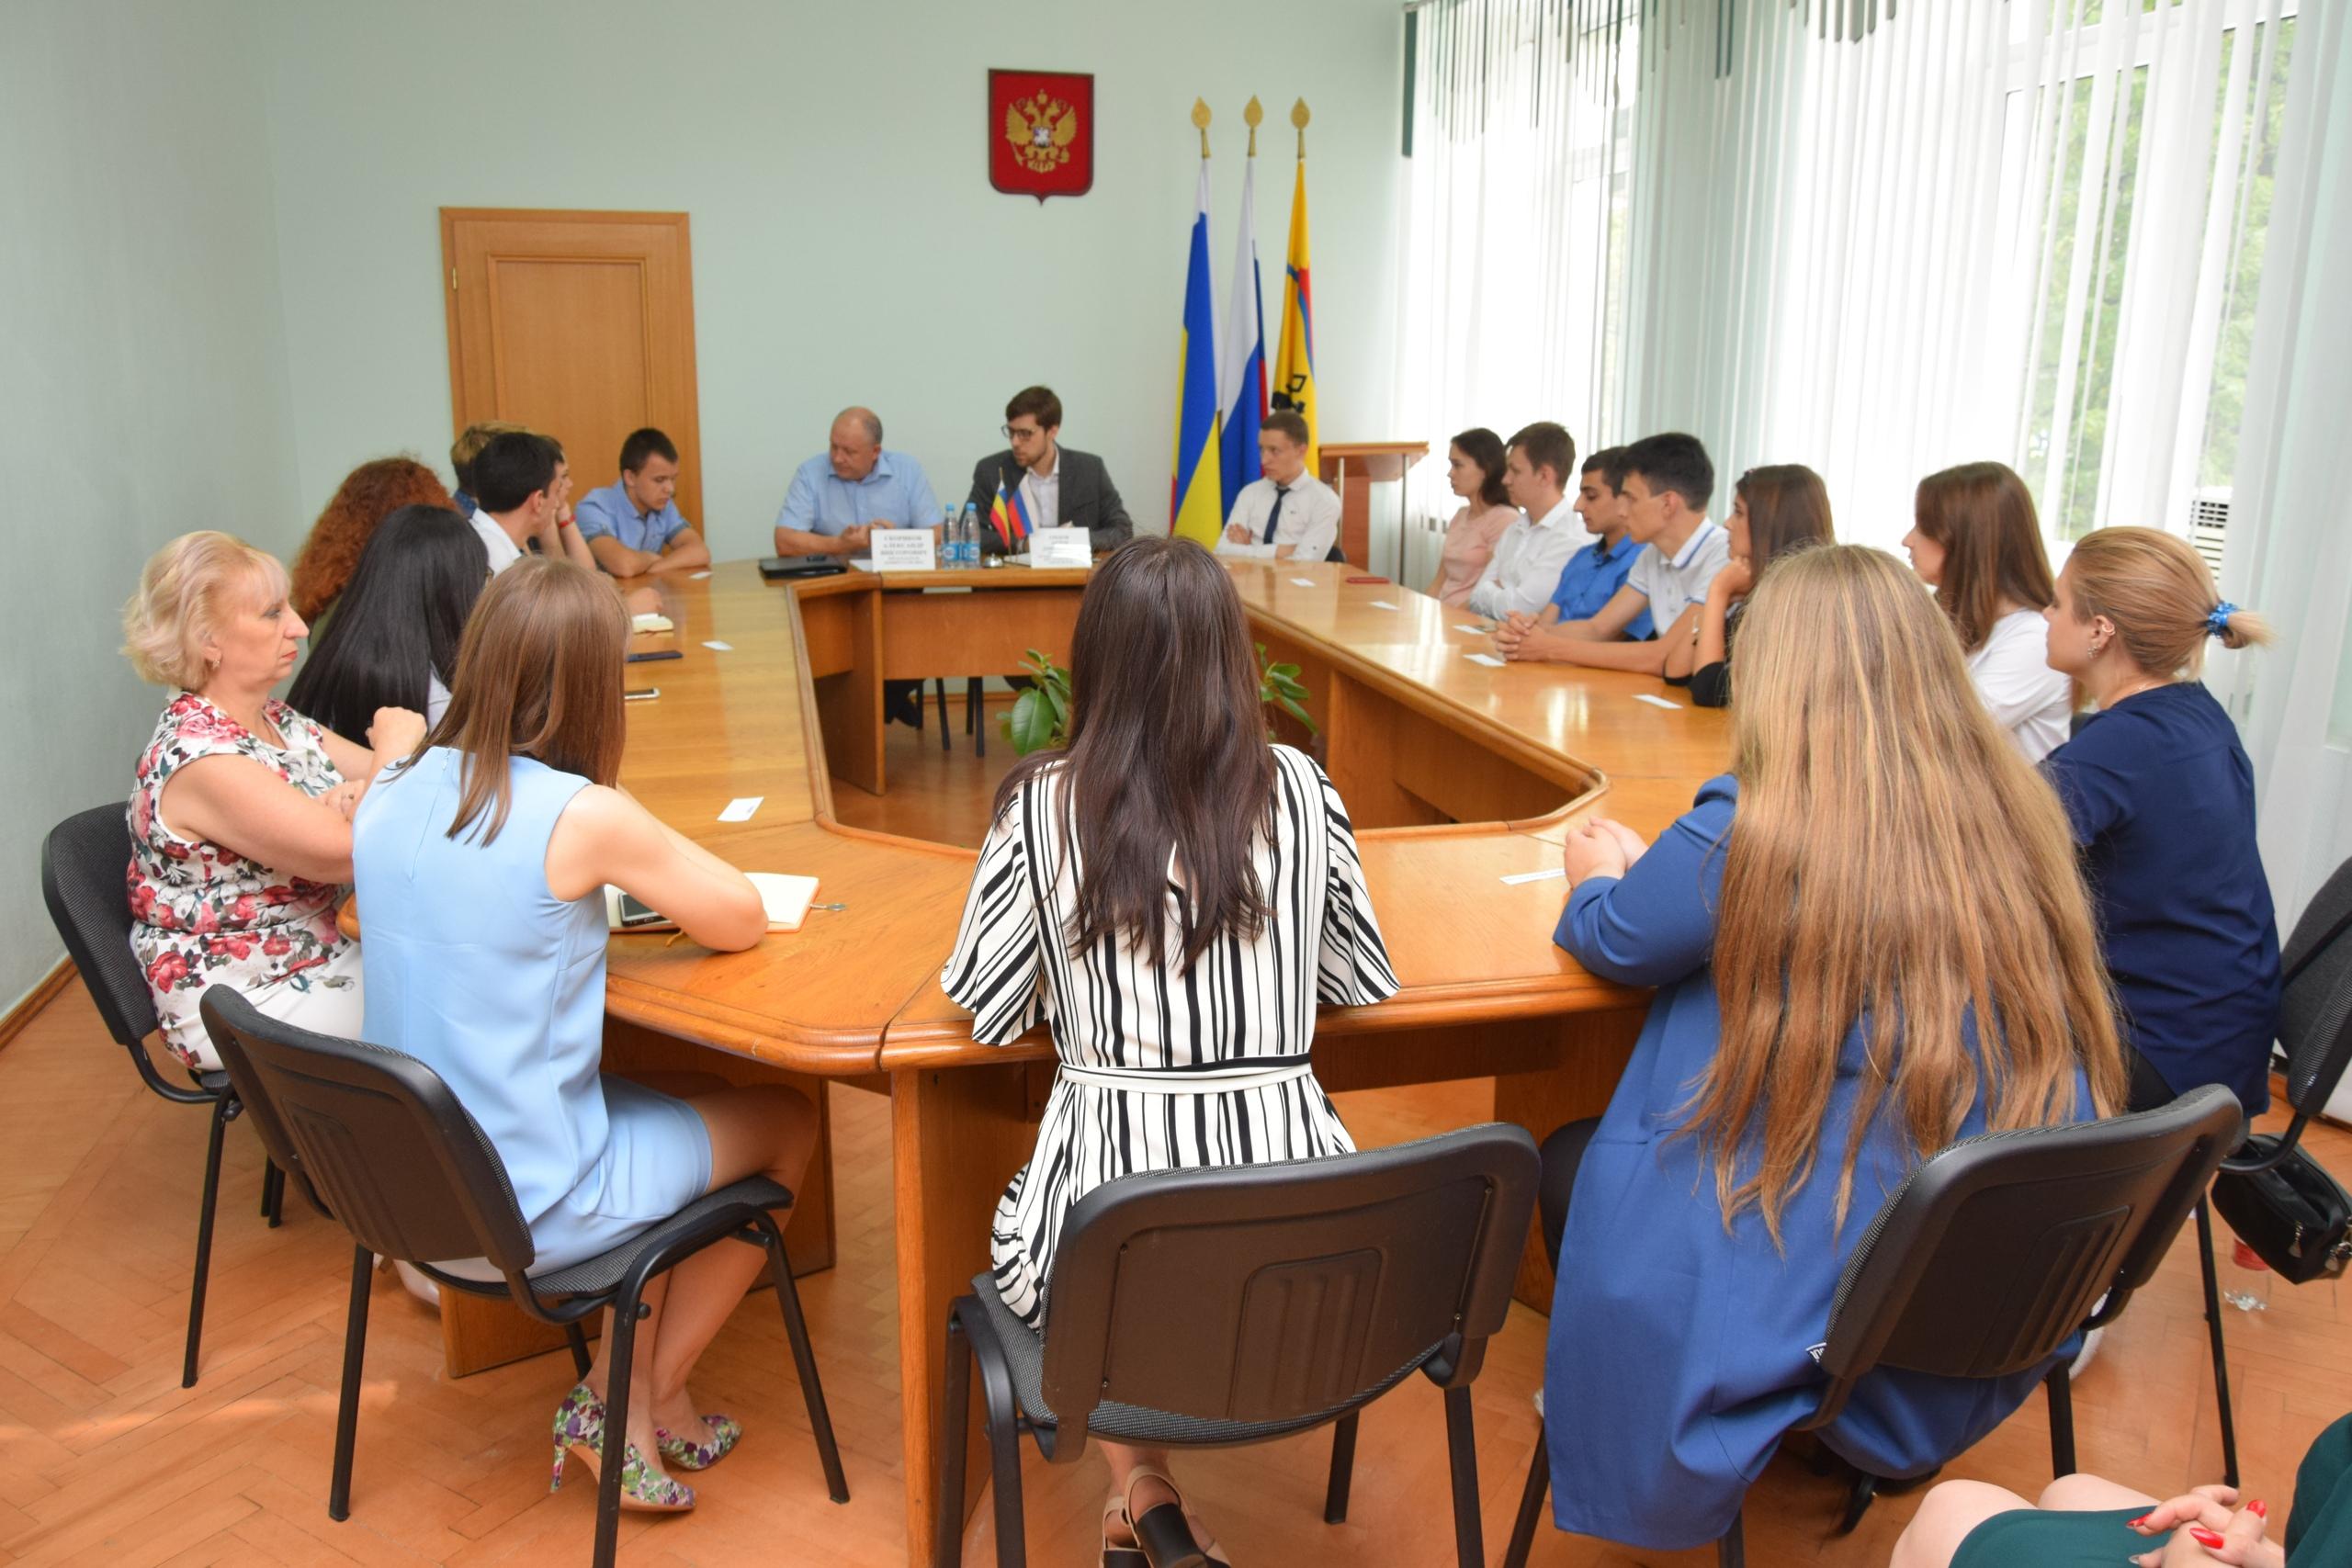 Состоялась рабочая встреча с молодежью города по вопросу управления многоквартирными домами в современных условиях